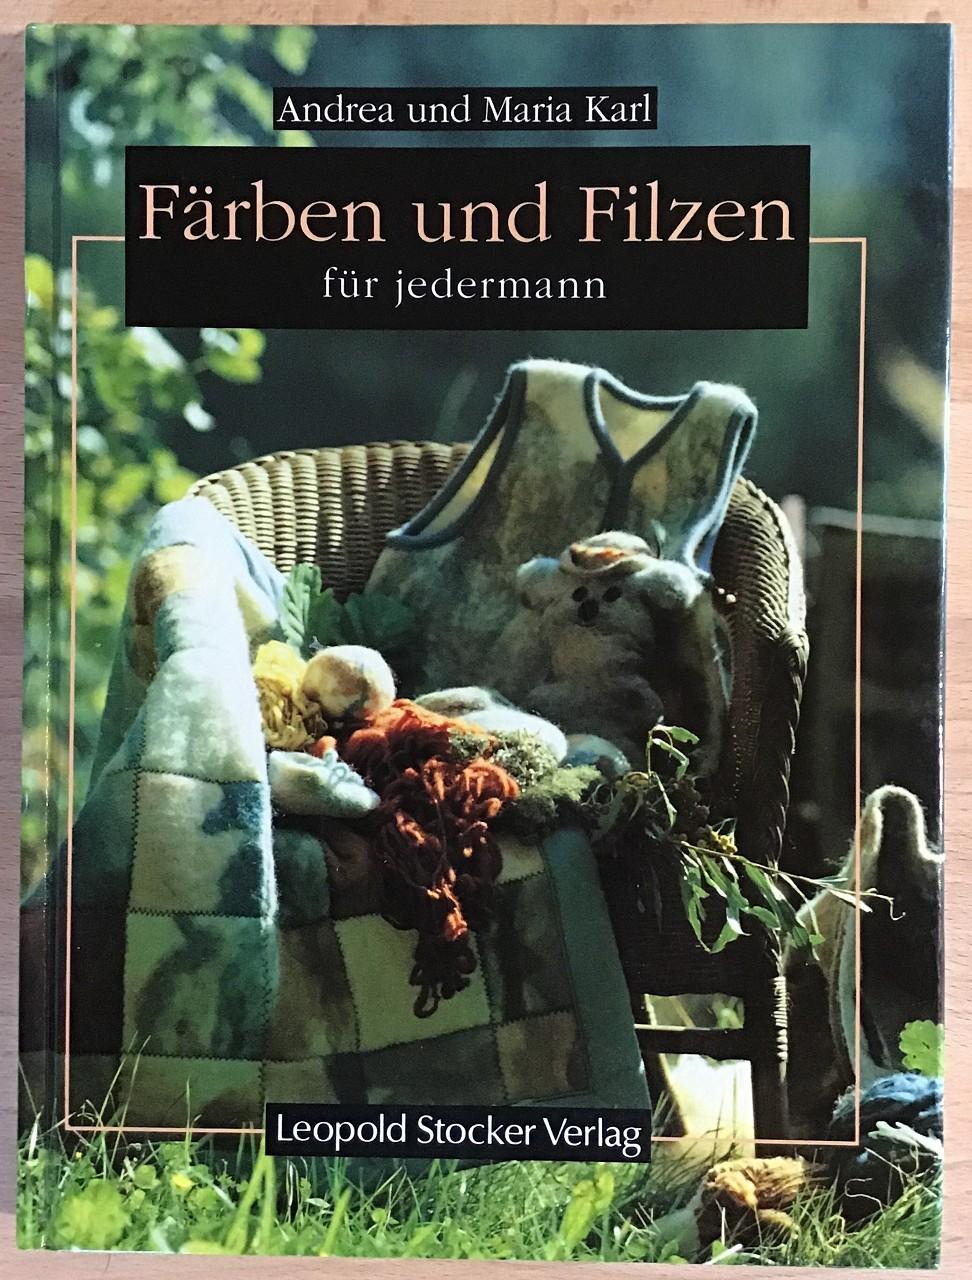 Färben und Filzen für jedermann. 1. Aufl.